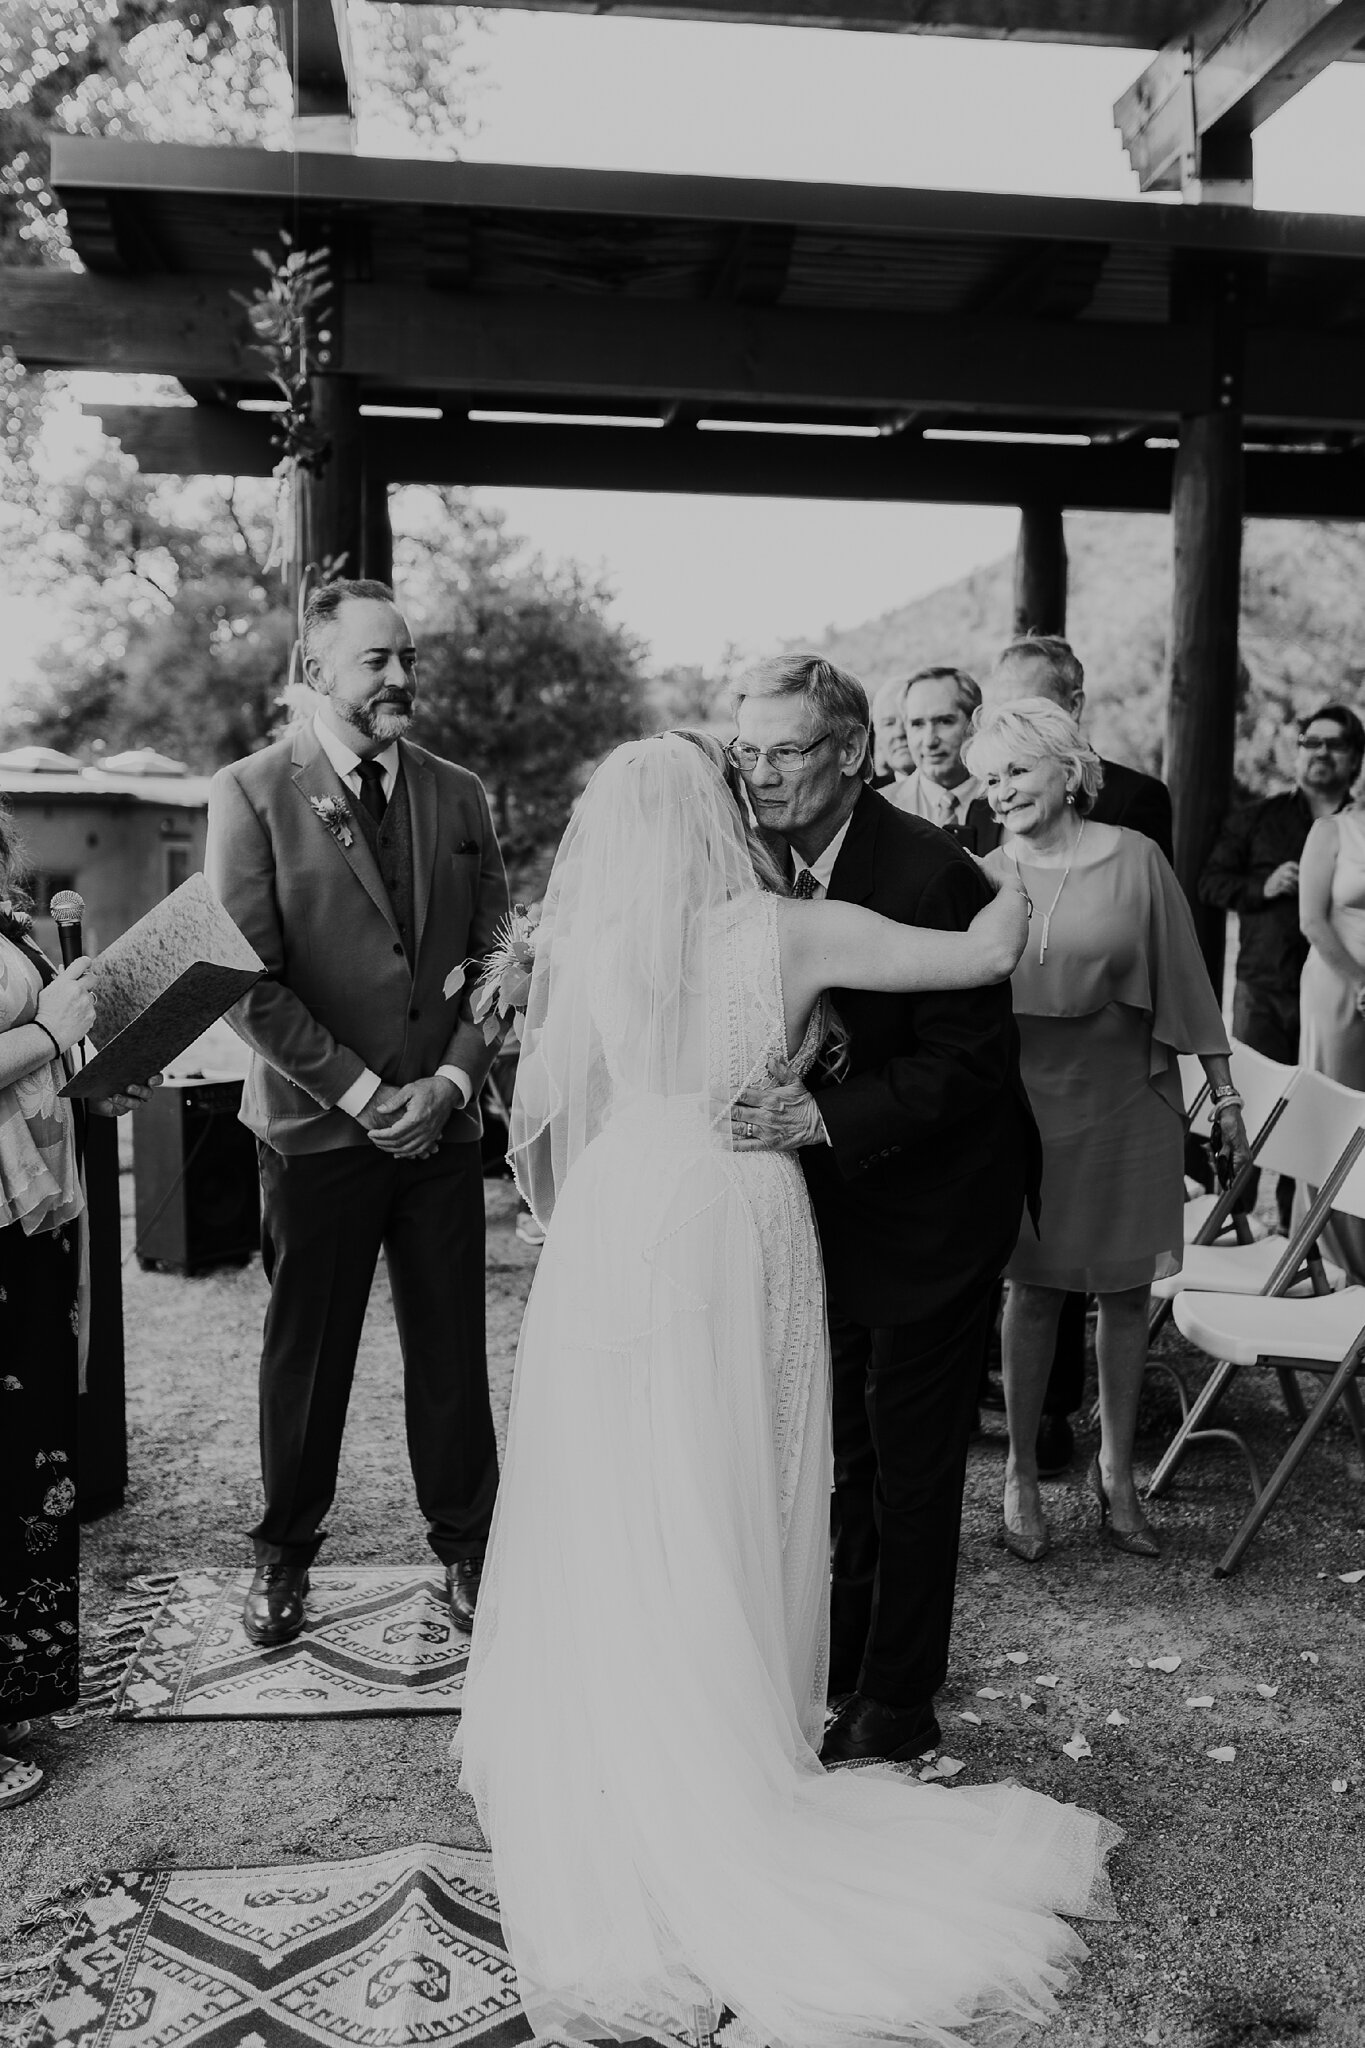 Alicia+lucia+photography+-+albuquerque+wedding+photographer+-+santa+fe+wedding+photography+-+new+mexico+wedding+photographer+-+new+mexico+wedding+-+wedding+-+santa+fe+wedding+-+ghost+ranch+-+ghost+ranch+wedding+-+fall+wedding_0030.jpg